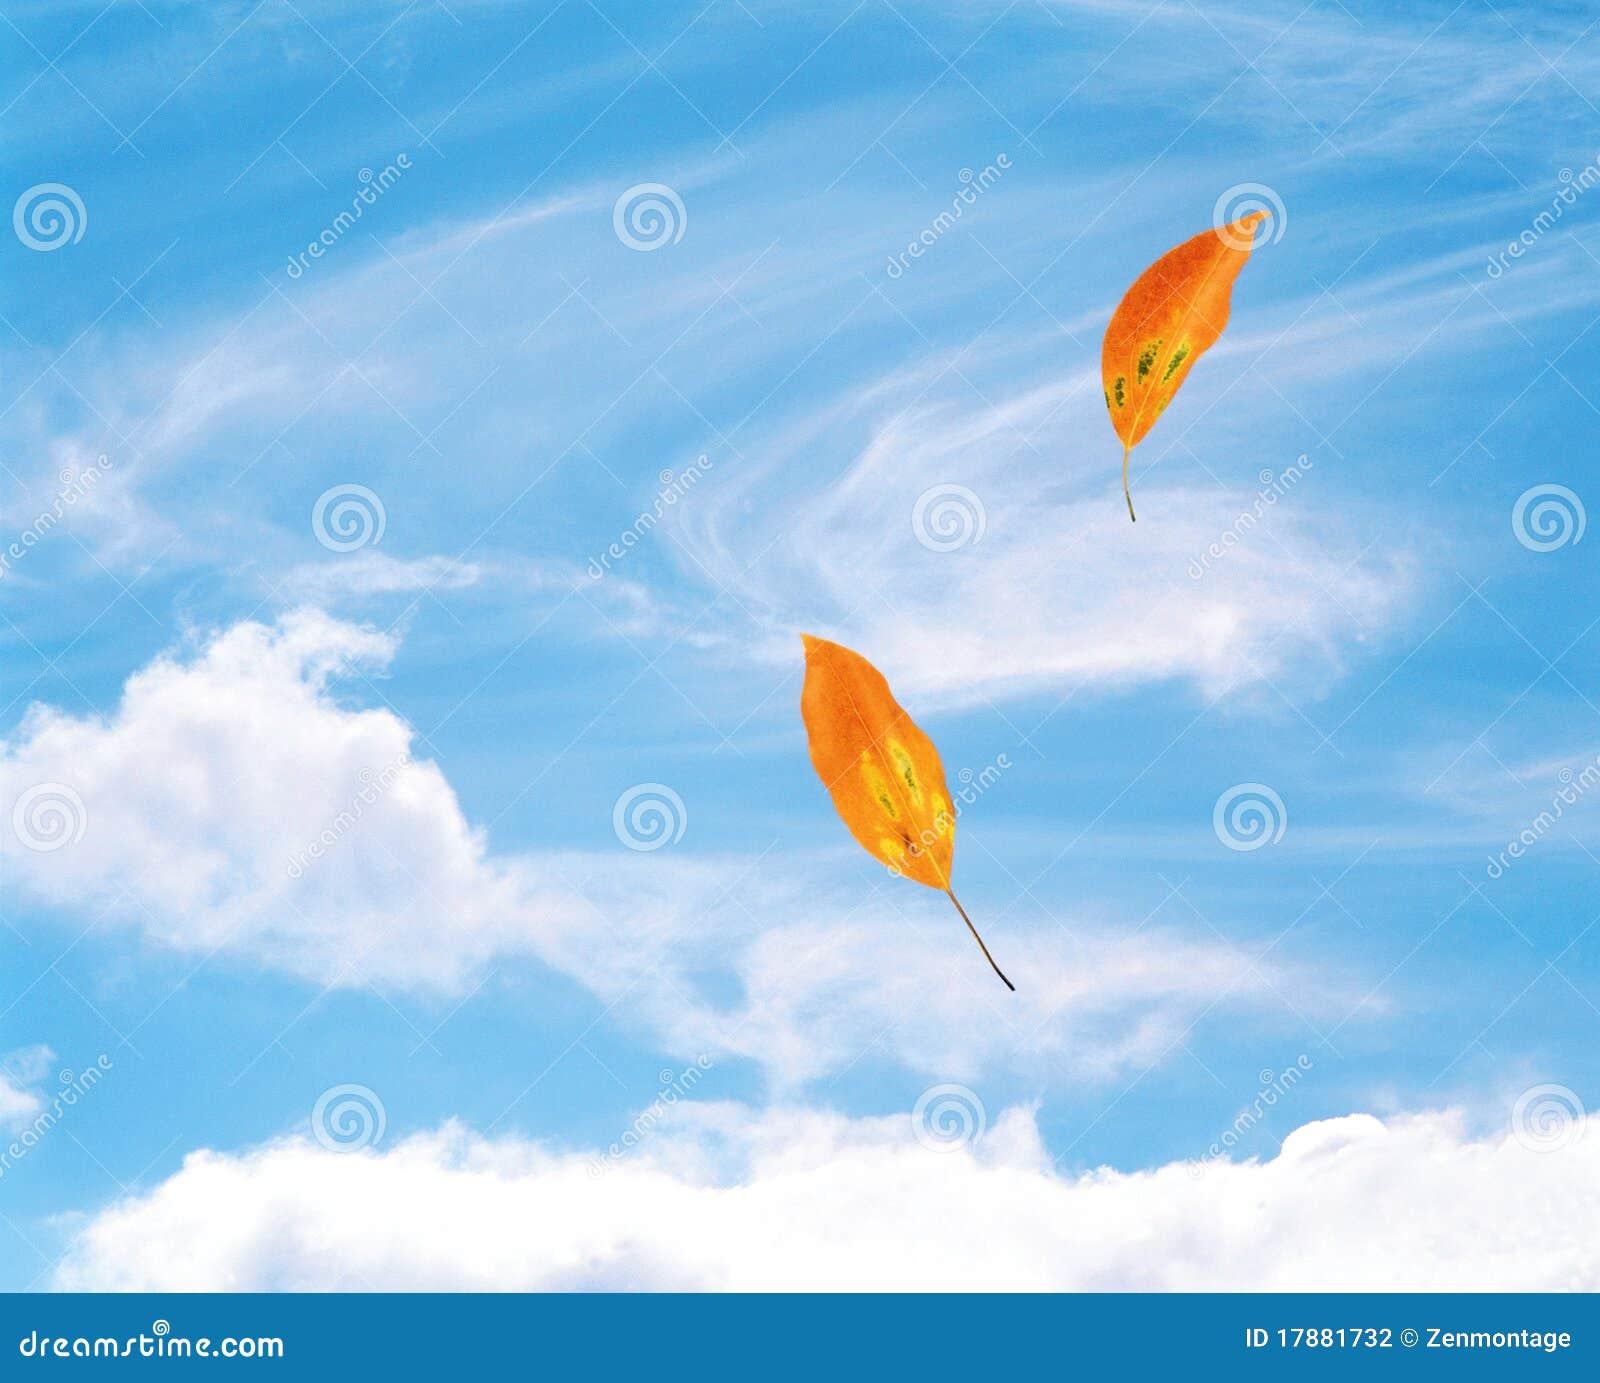 Bladeren die in de Wind blazen